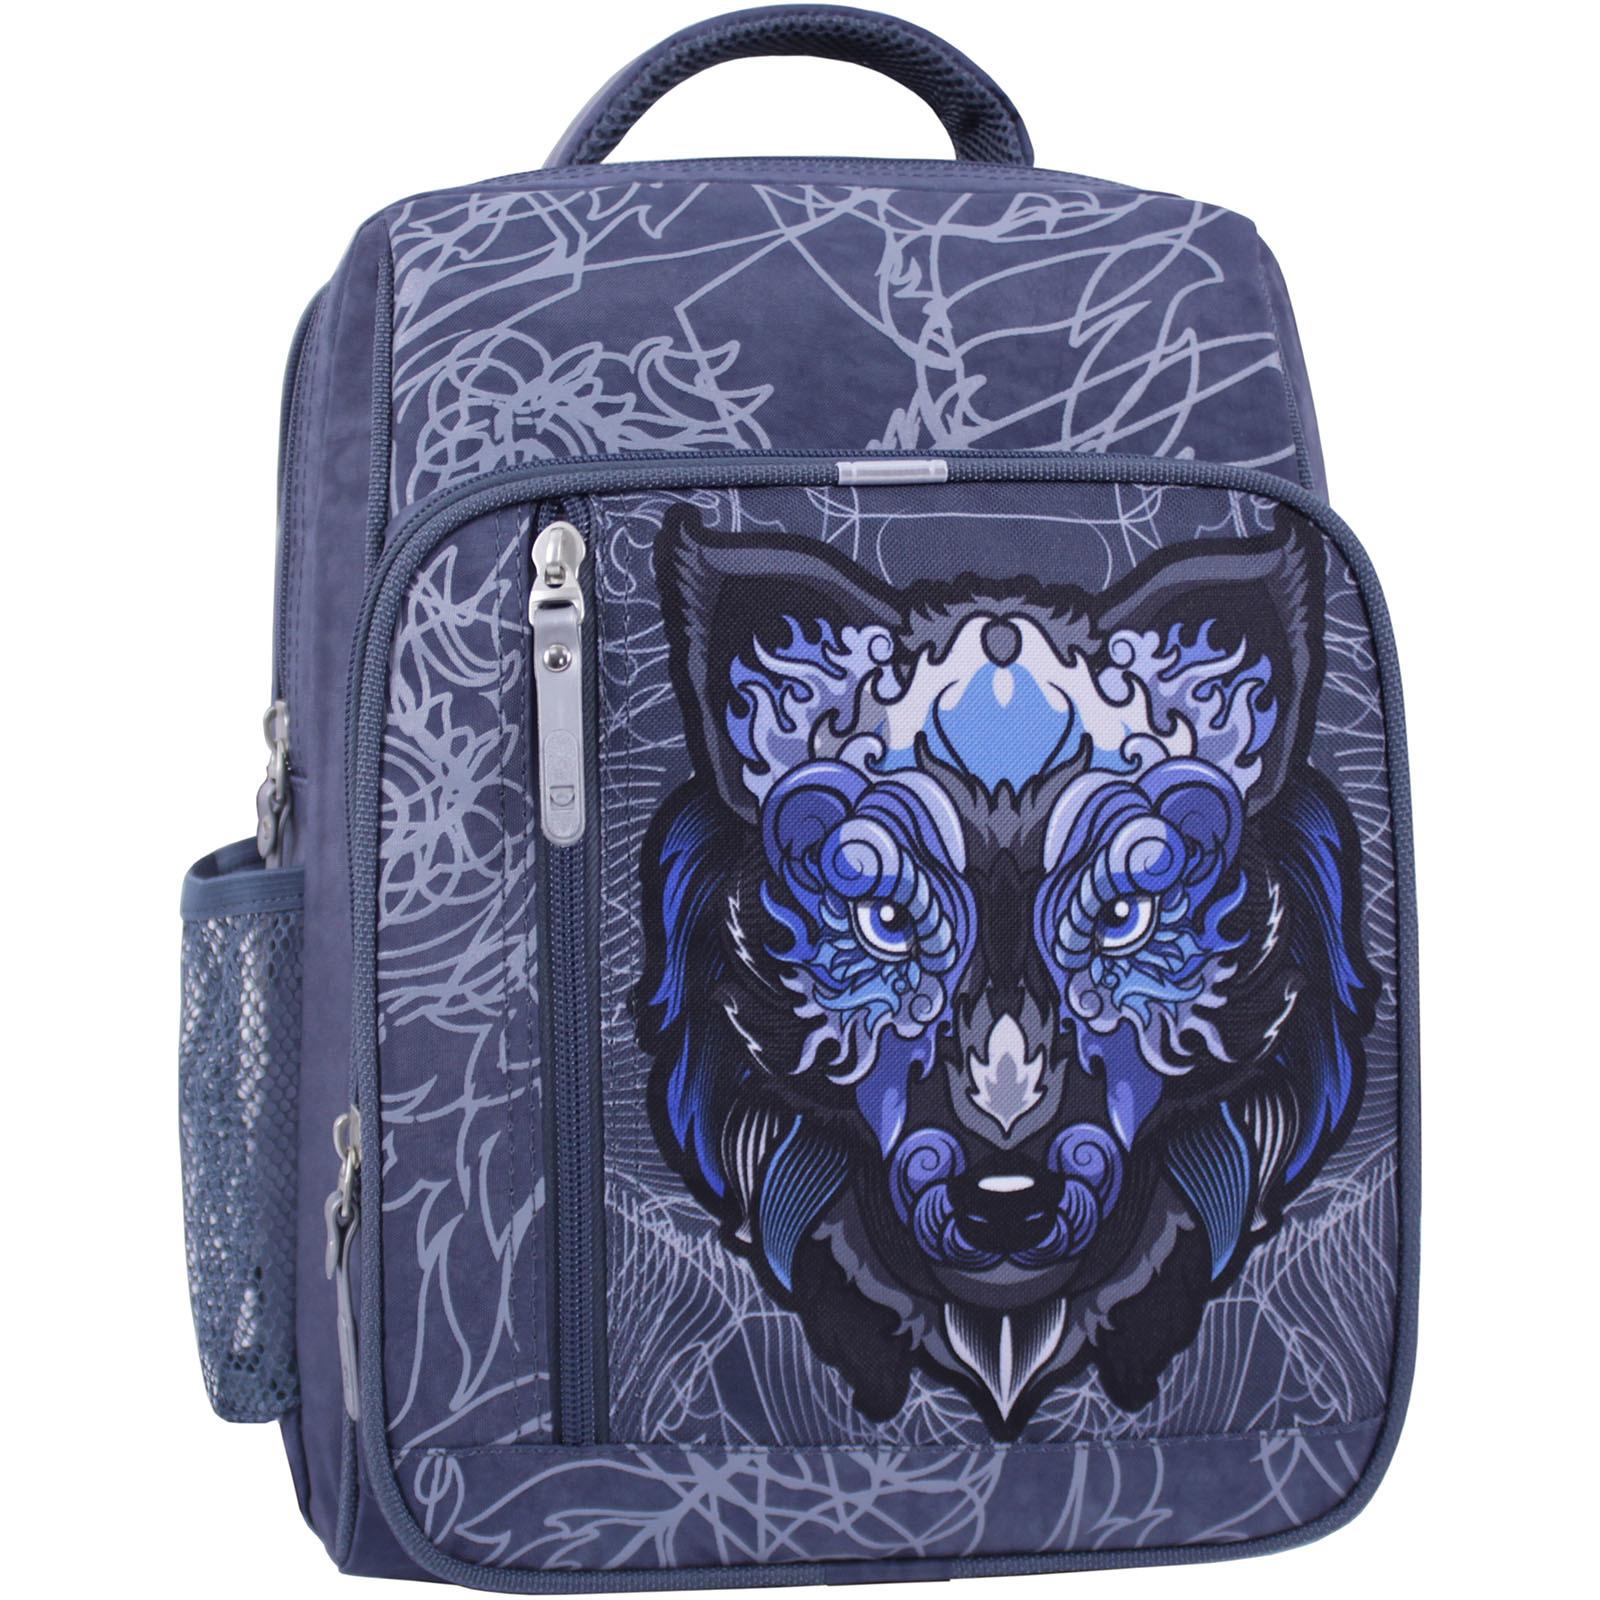 Рюкзак школьный Bagland Школьник 8 л. 321 серый 506 (00112702) фото 1